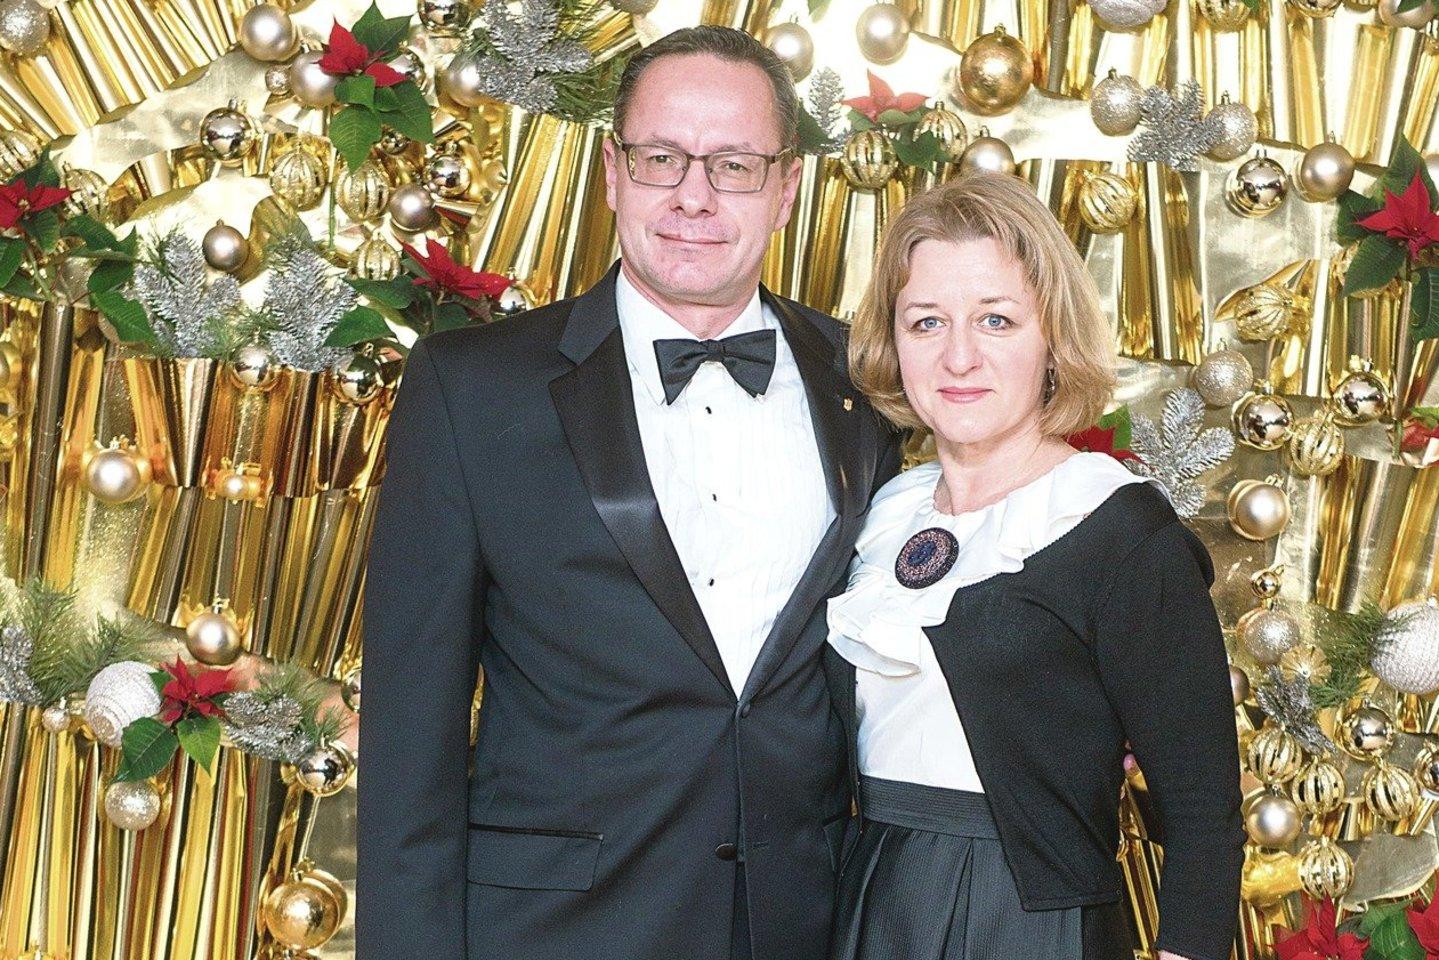 Ž.Pavilionis su žmona Lina išsiskyrė po beveik 25 bendro gyvenimo metų.